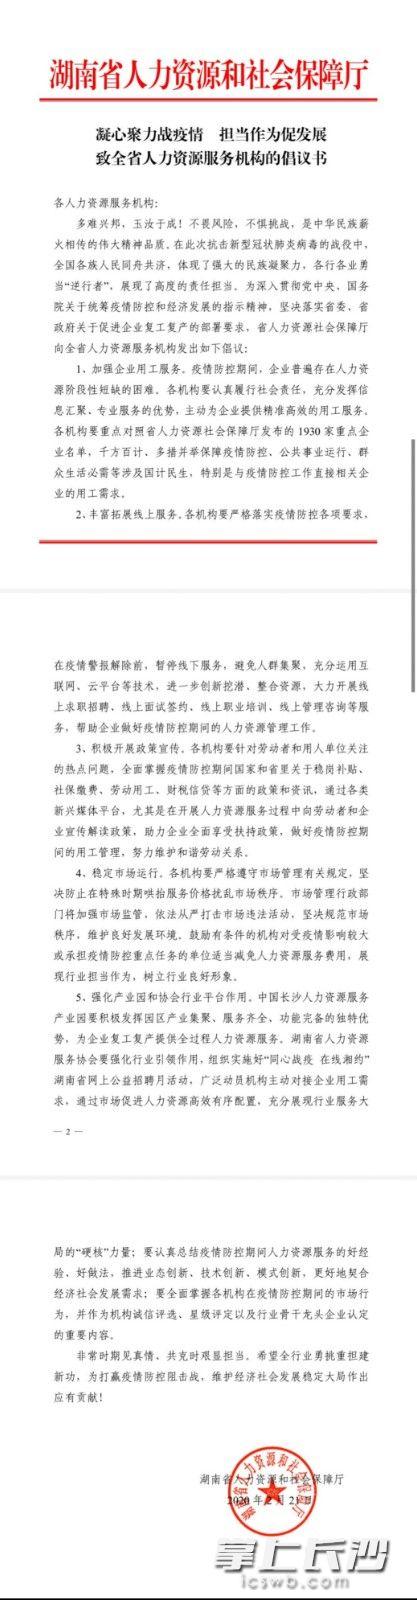 省人社厅发布致全省人力资源服务机构的倡议书(附全文)